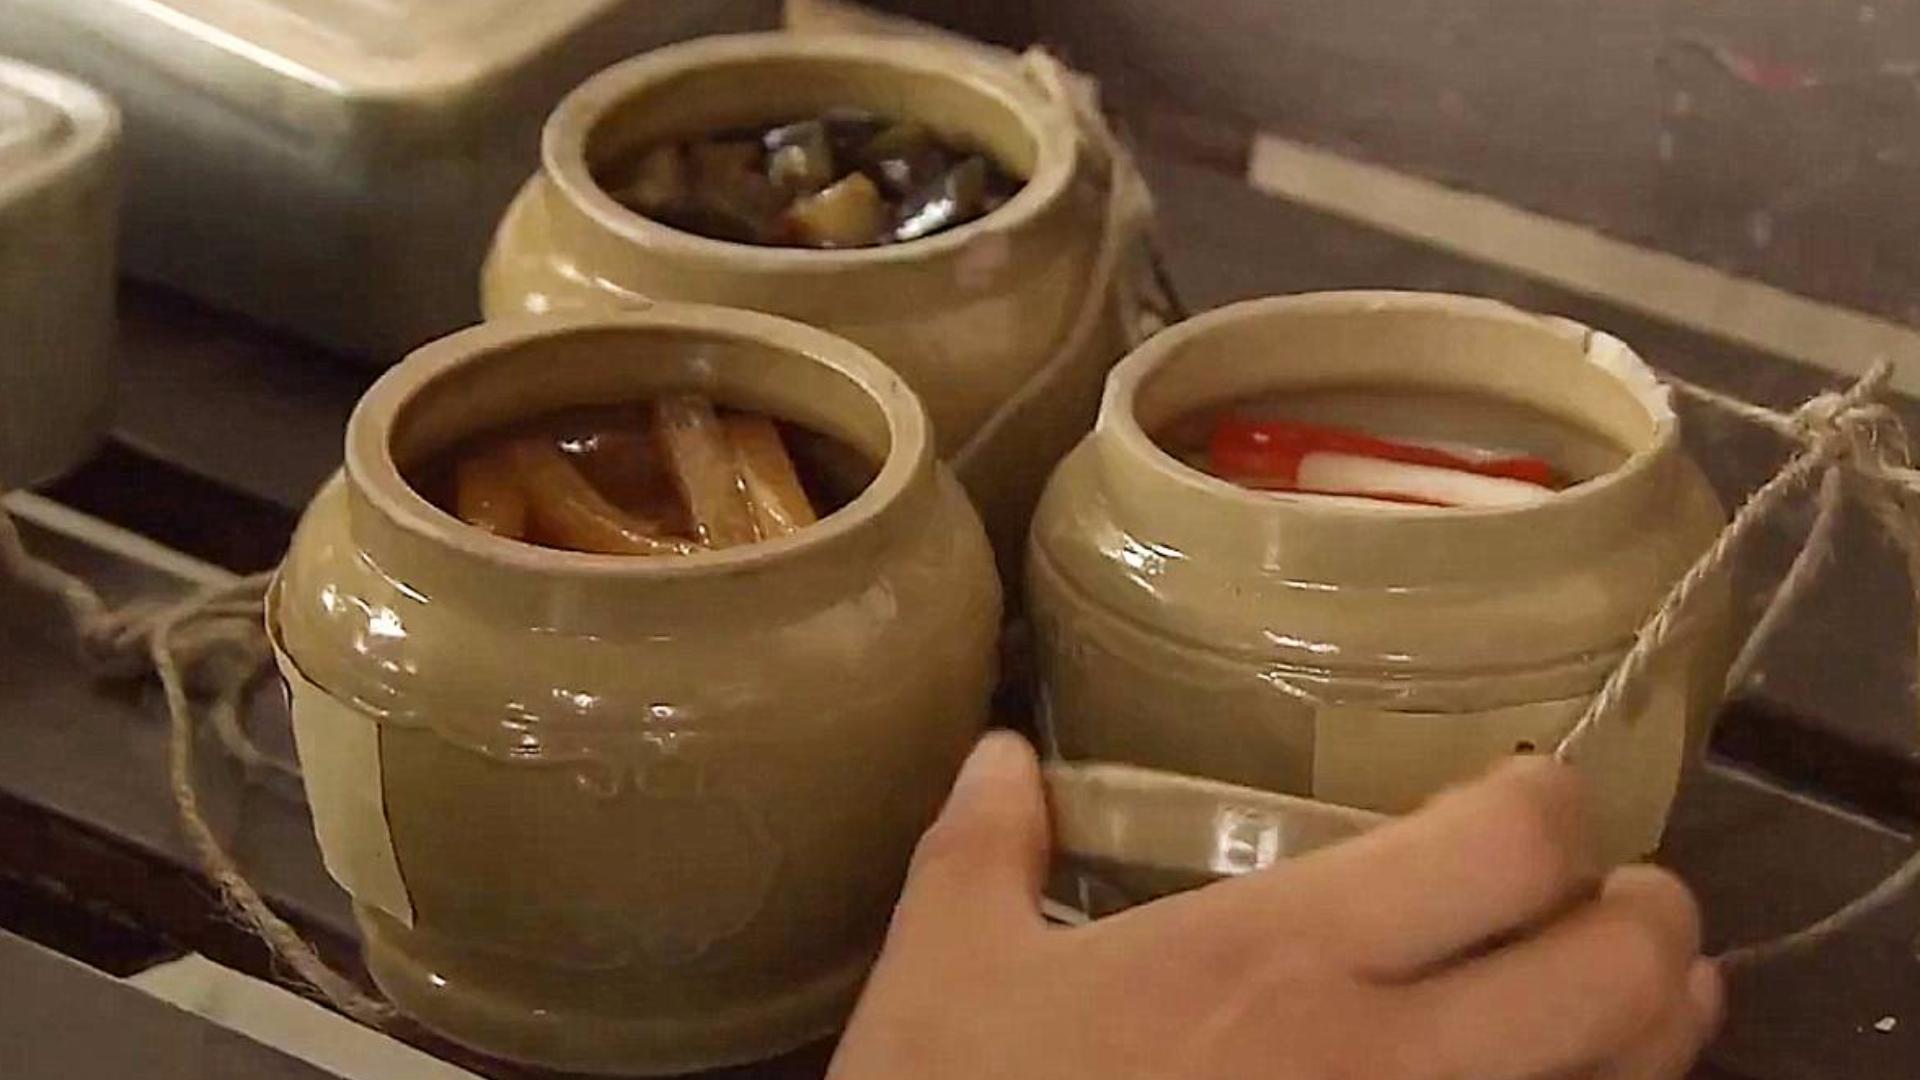 【美食影视合集】砂锅炖肉,砂锅罐头,香,真香!